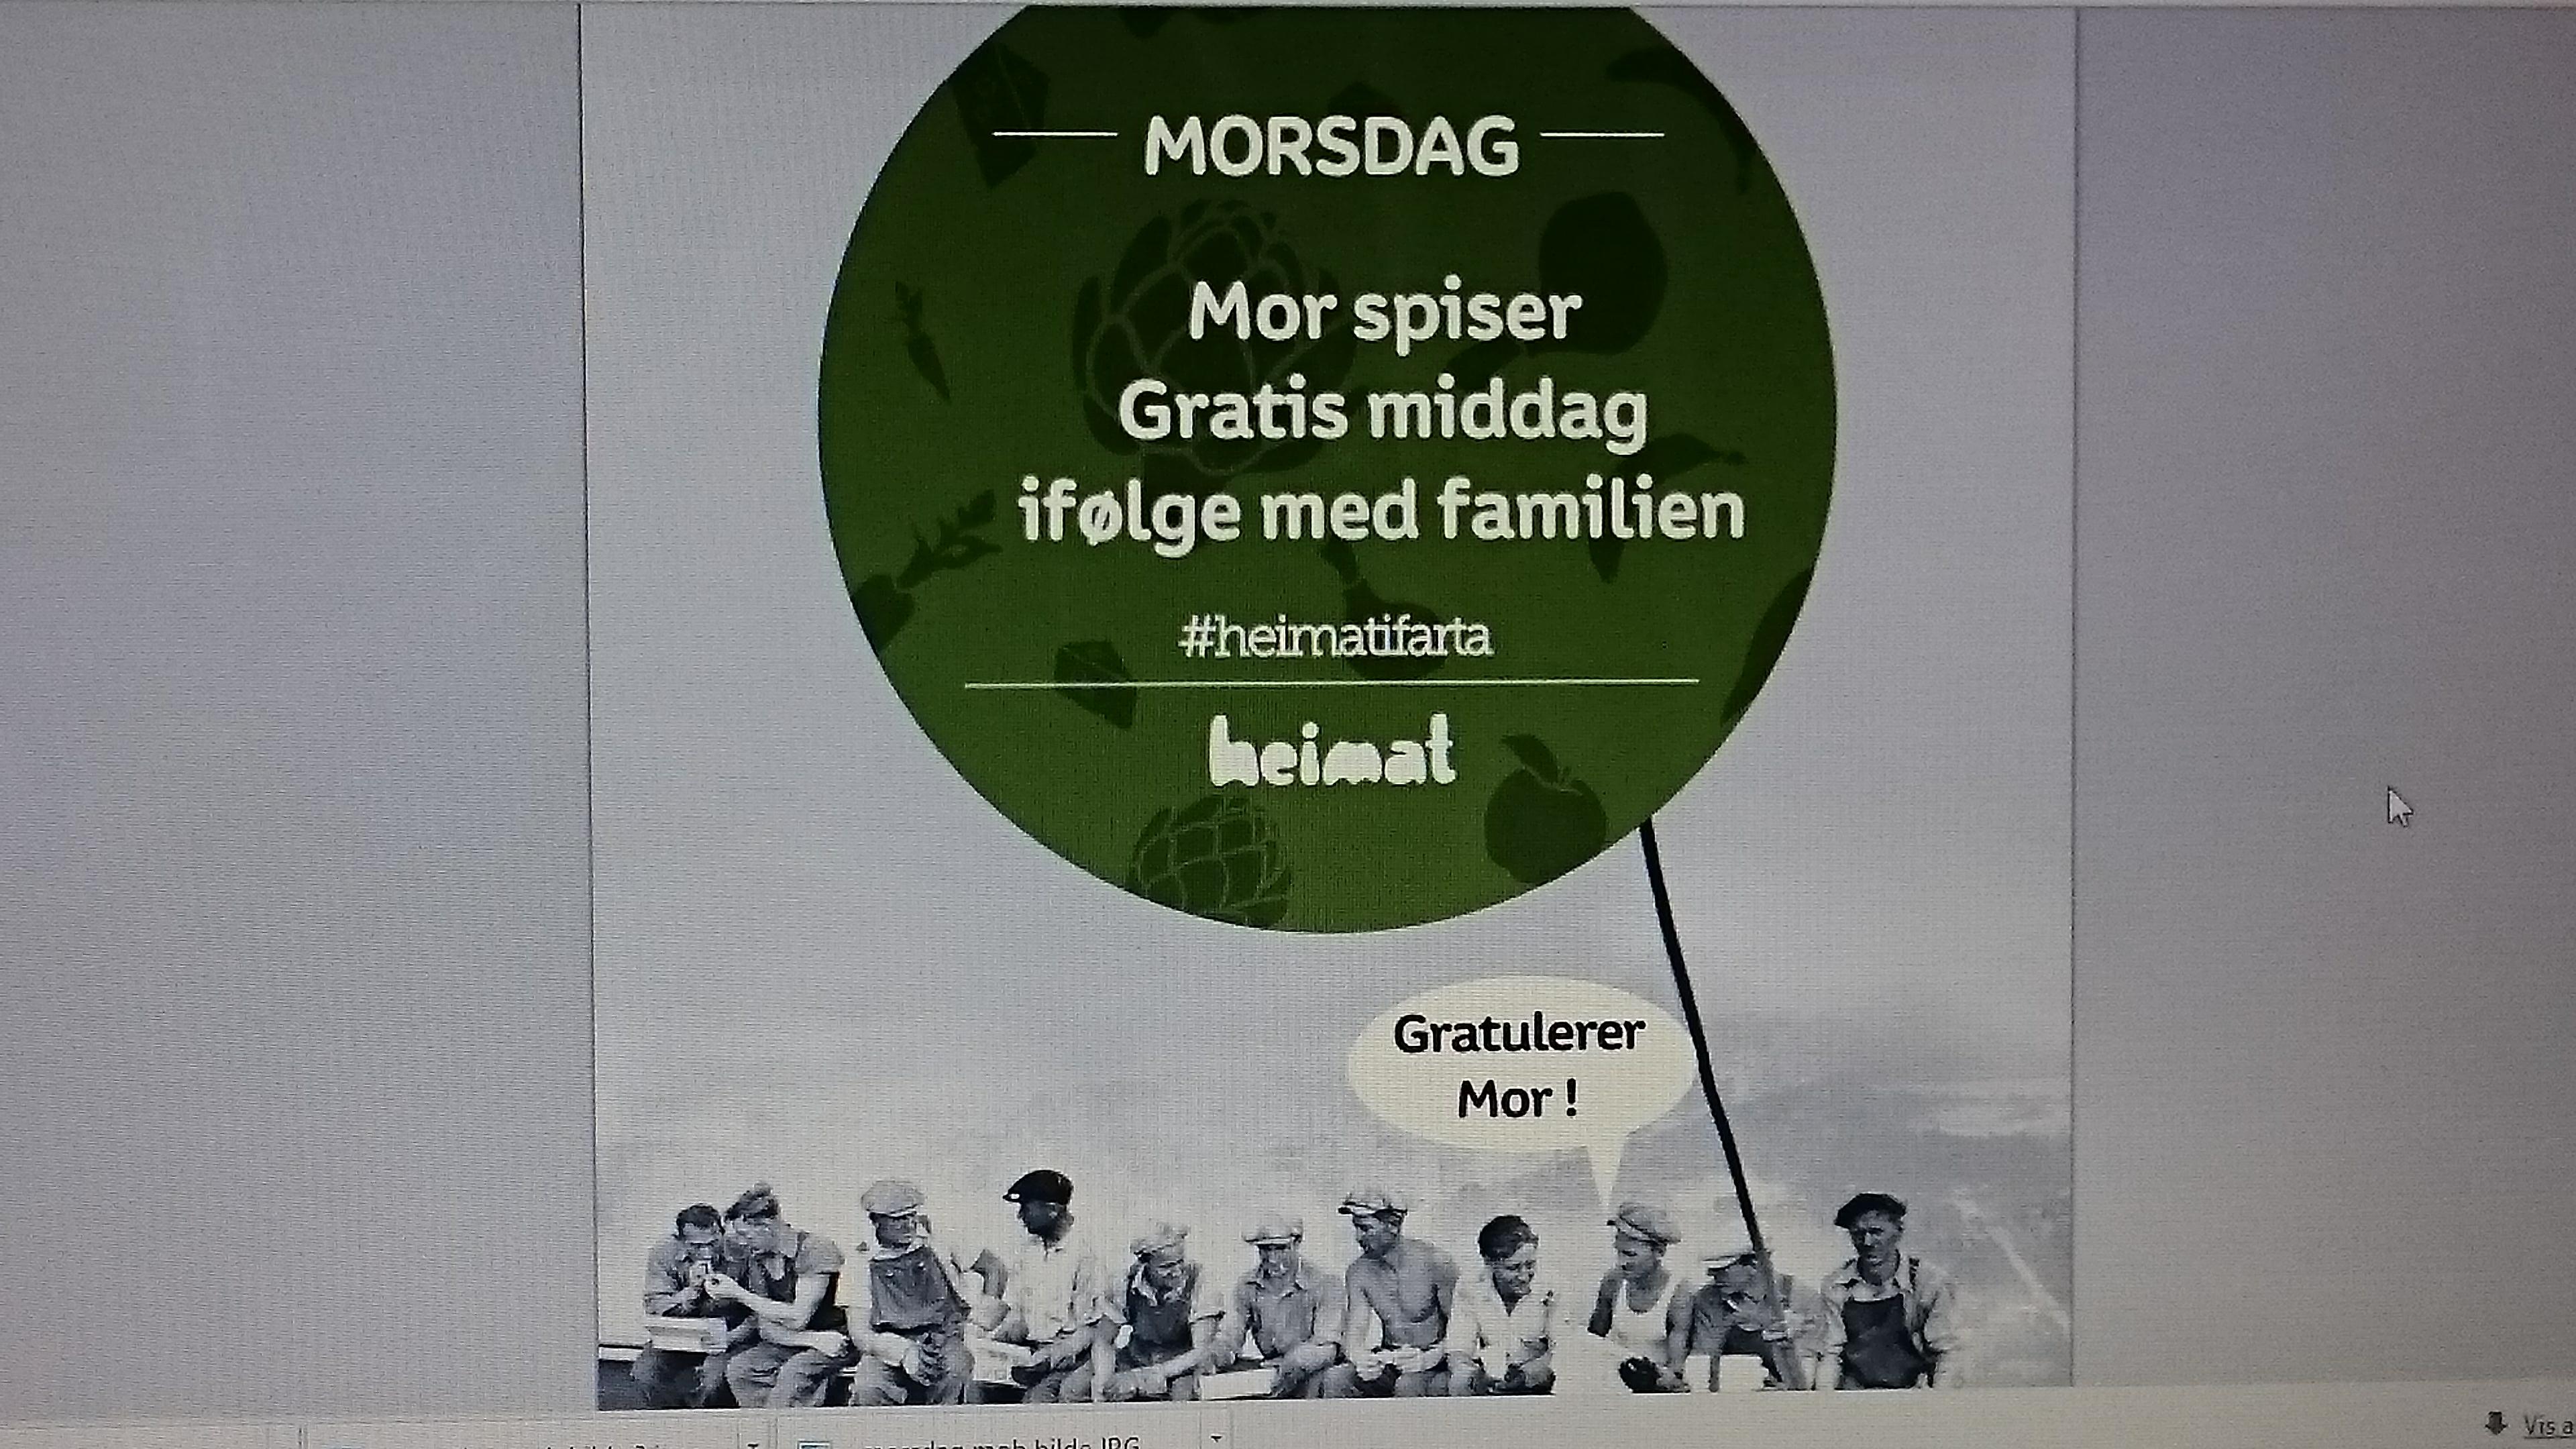 På morsdag spiser mor Gratis middag i følge med familien hos Heimat. , © Heimat